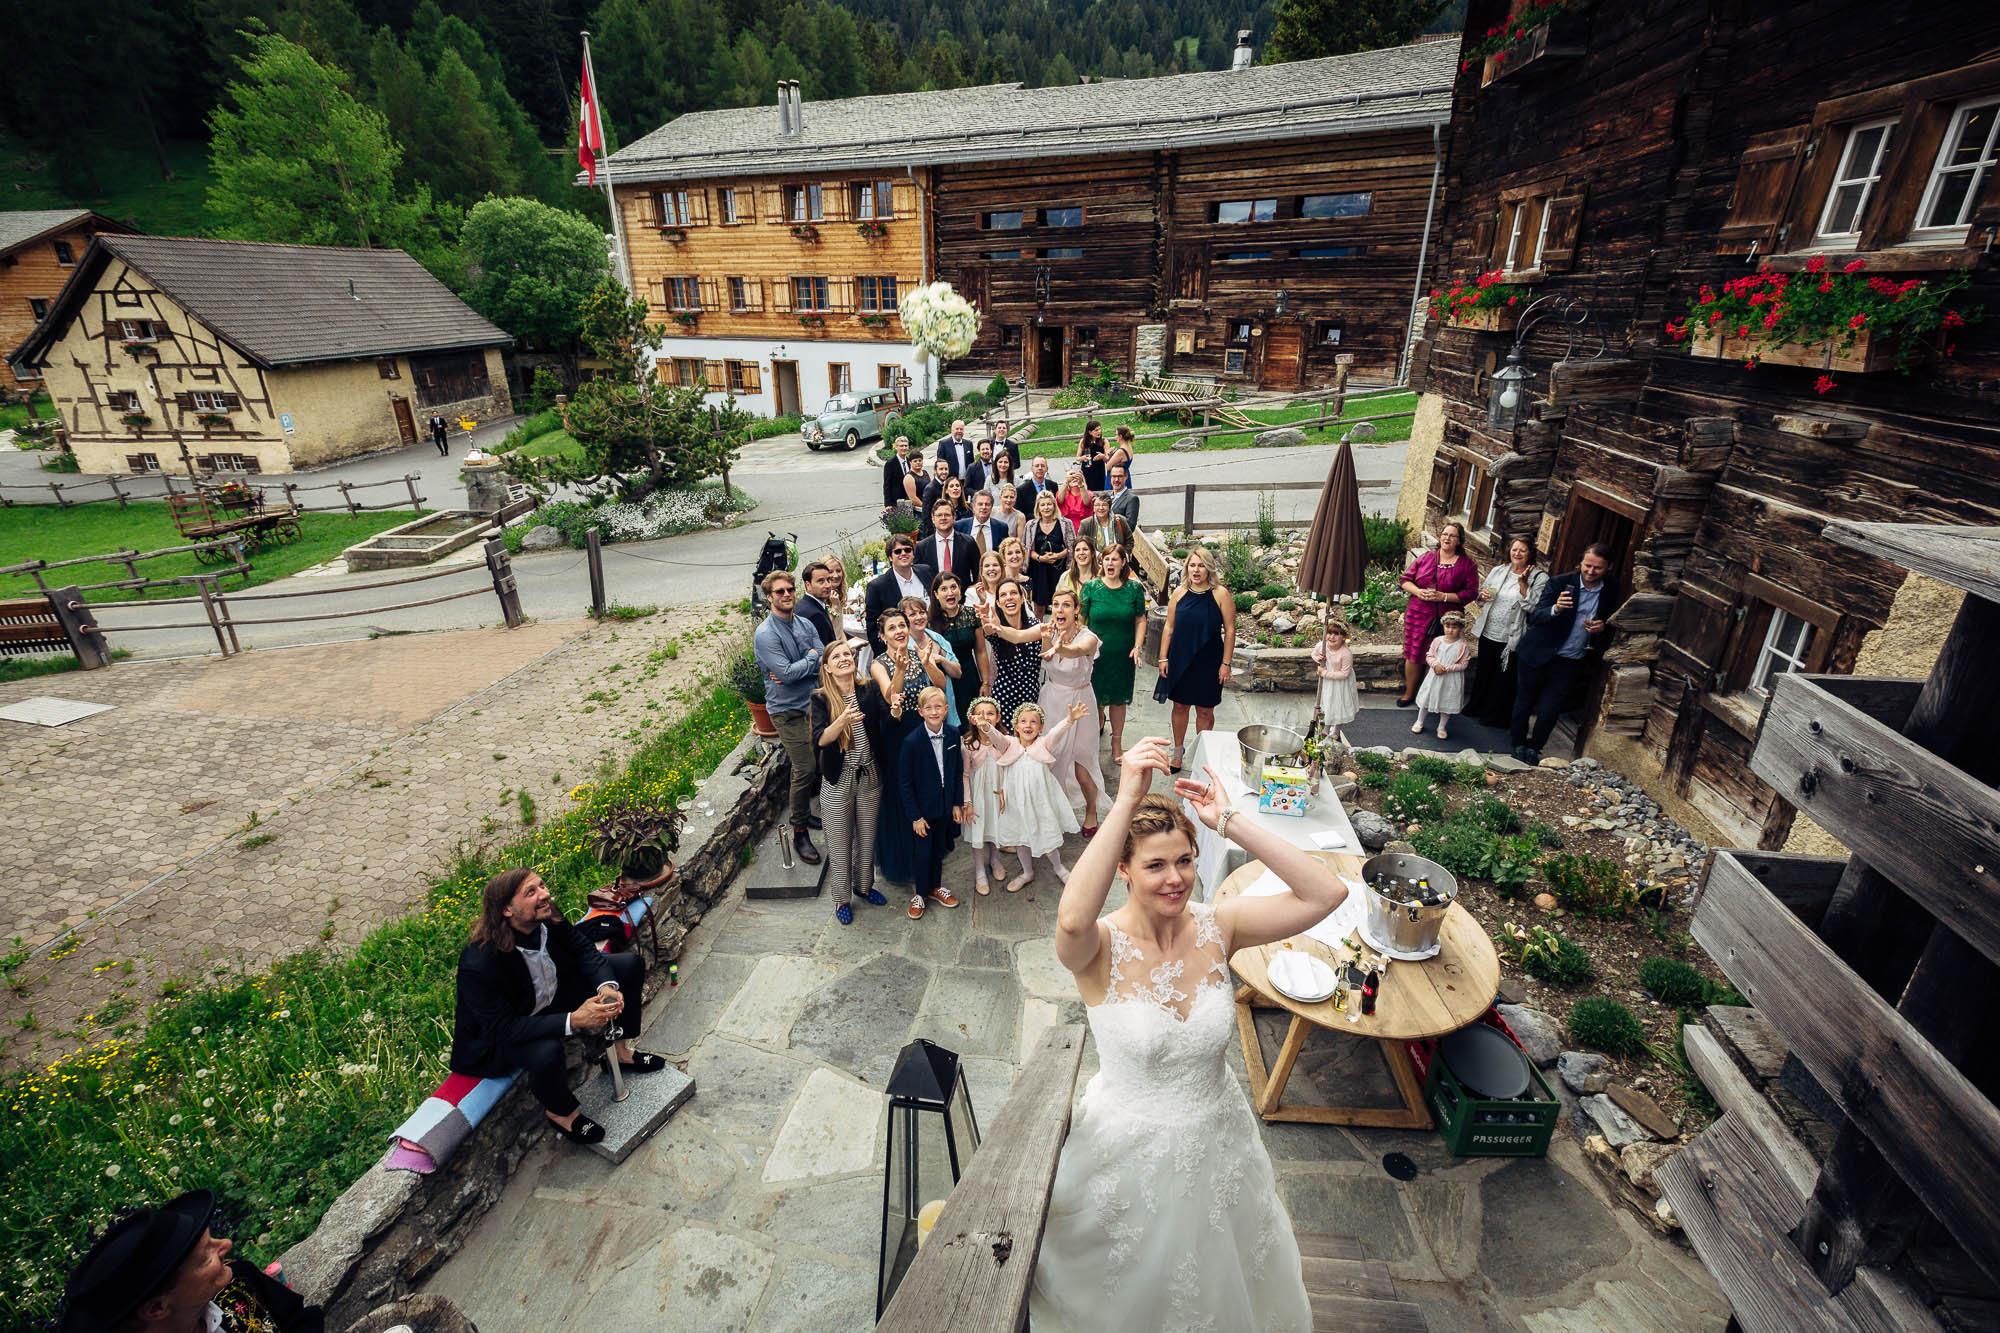 Brautstrauss wird geworfen